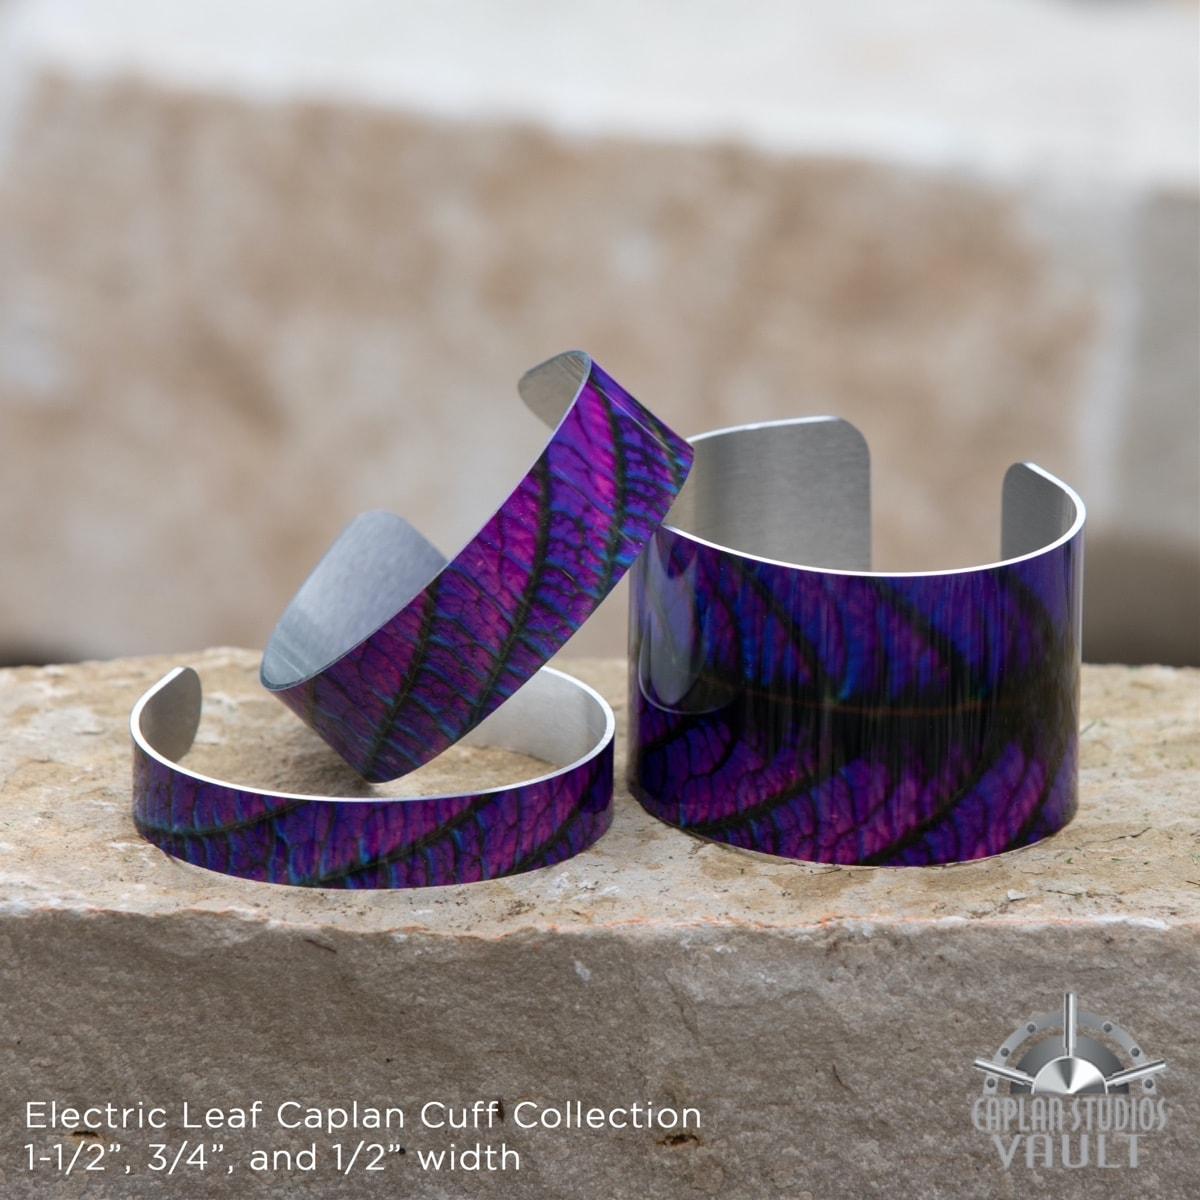 Electric Leaf Caplan Cuff